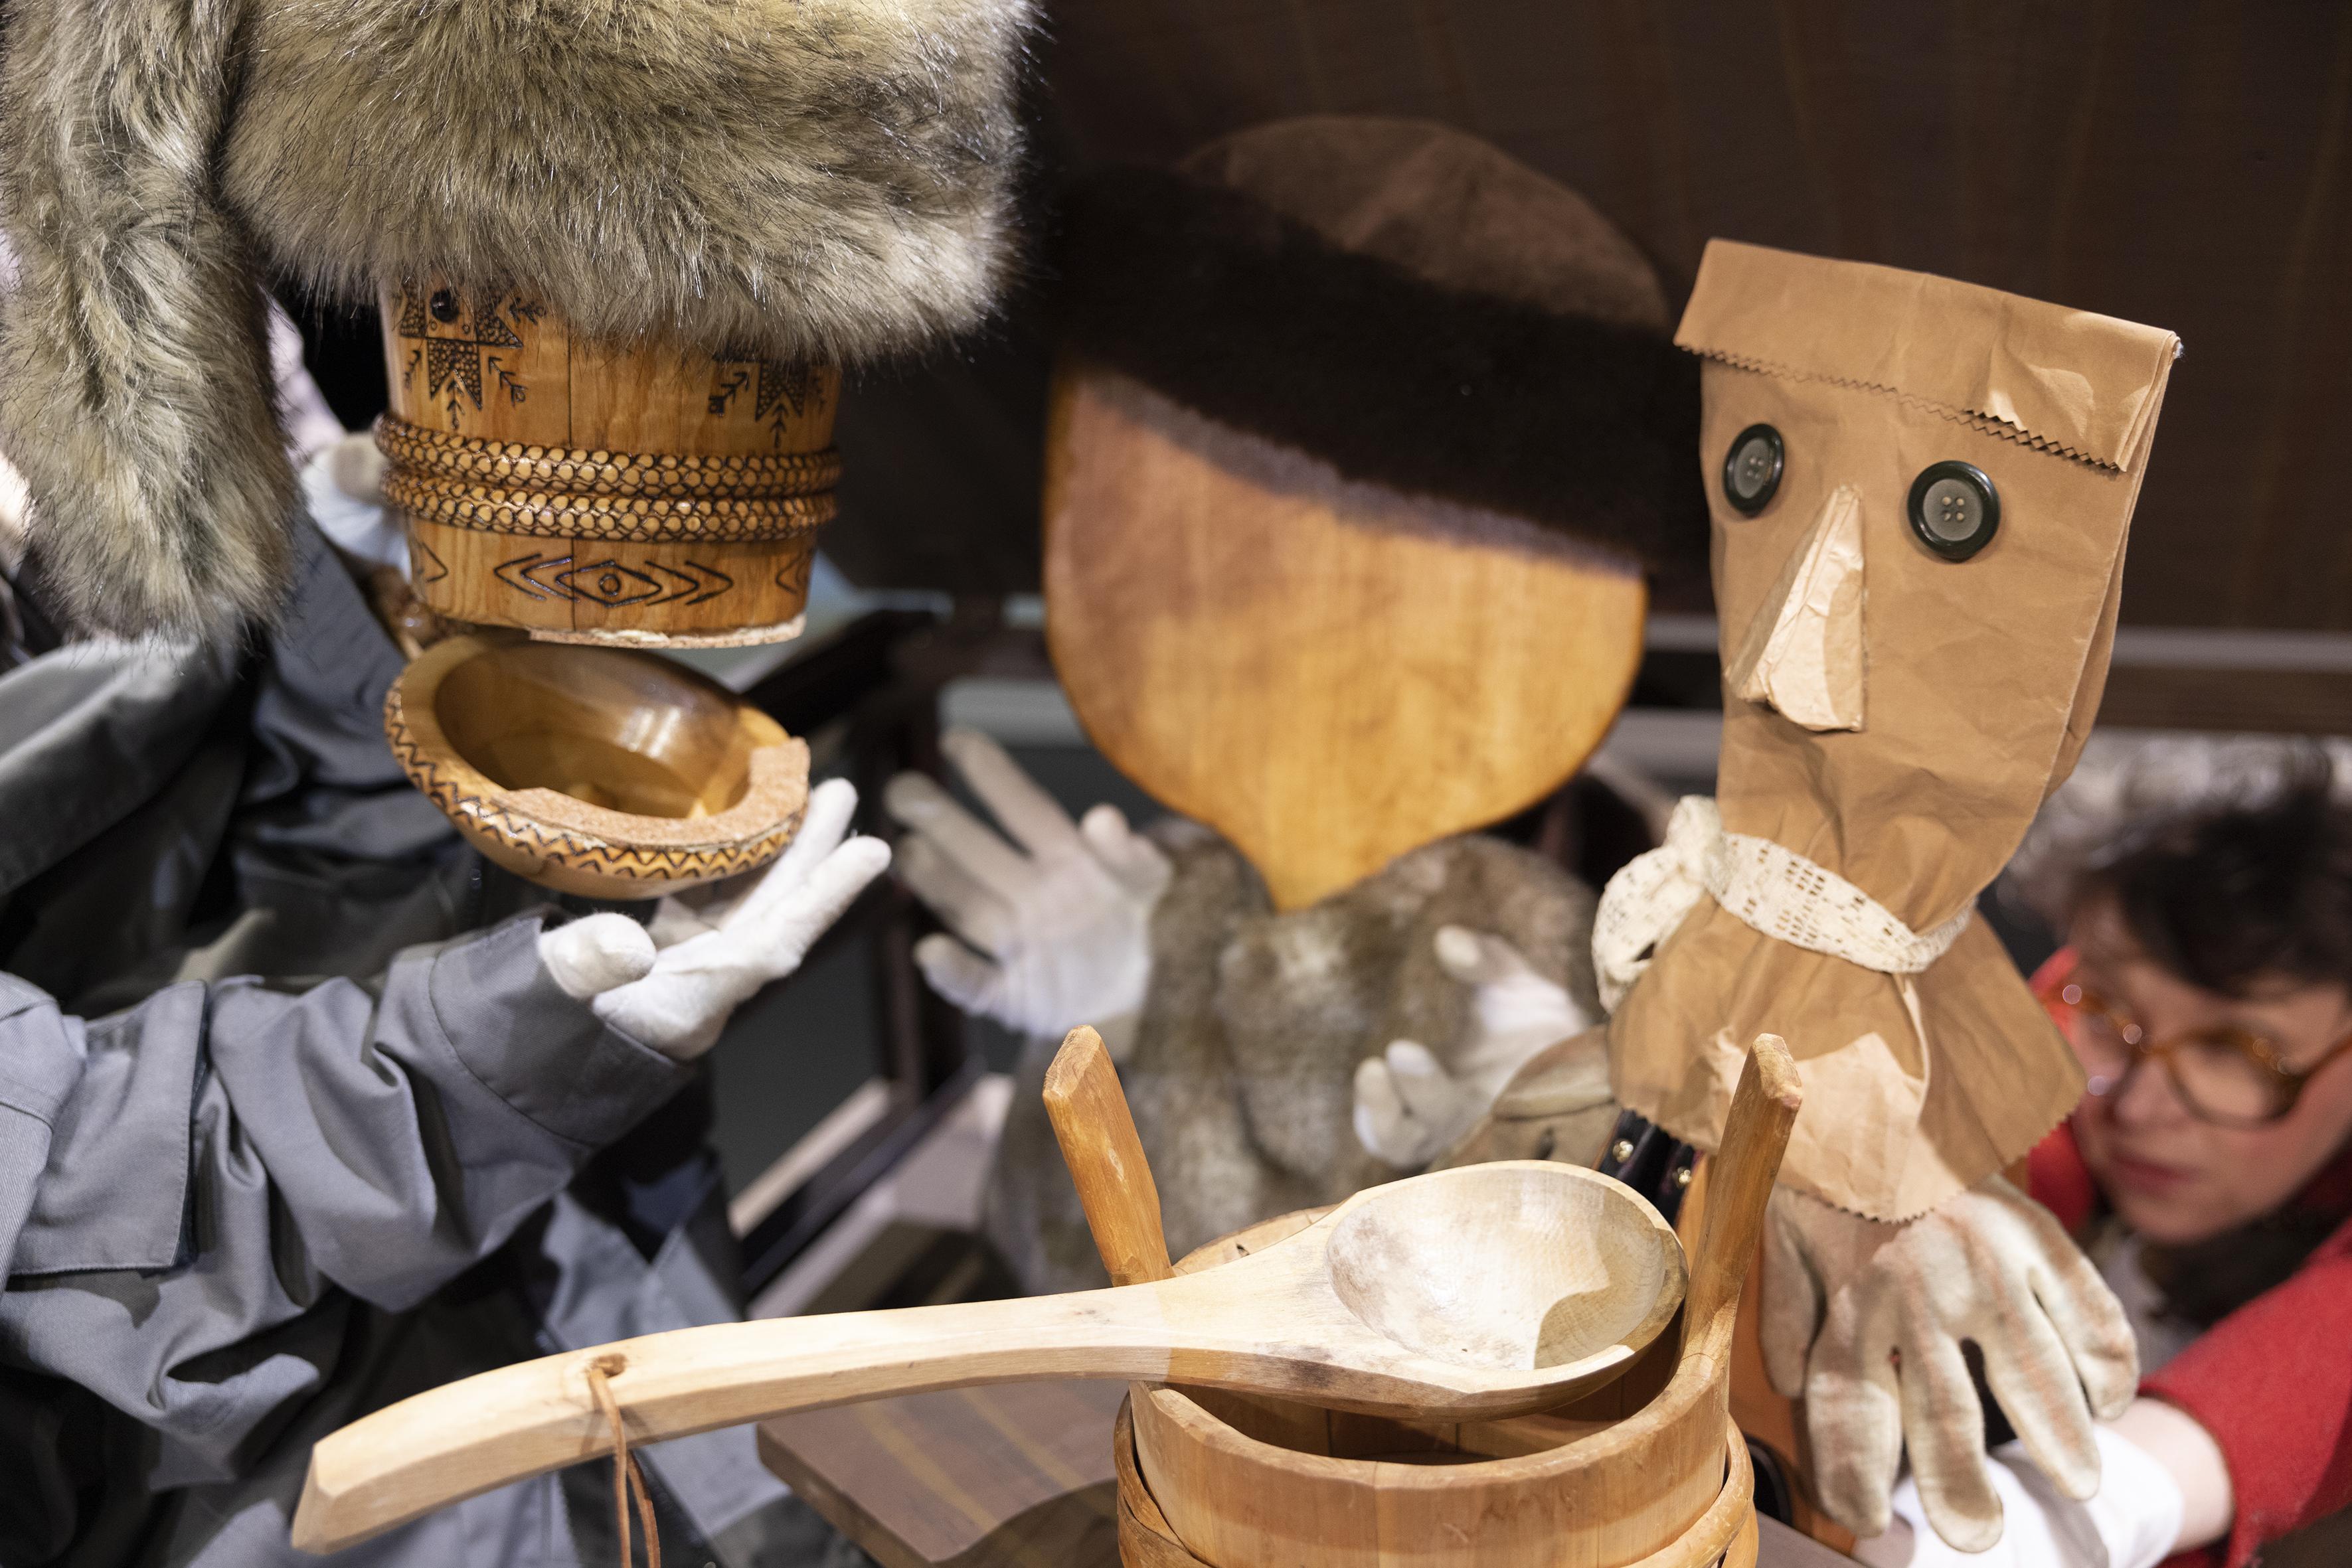 Valokuvassa on turkiskauppias ja Antti Puuhaara. Turkiskauppiaan hahmo on luotu karvalakista ja puisesta kolpakosta. Antti puuhaara hahmo on luotu paperipussista.